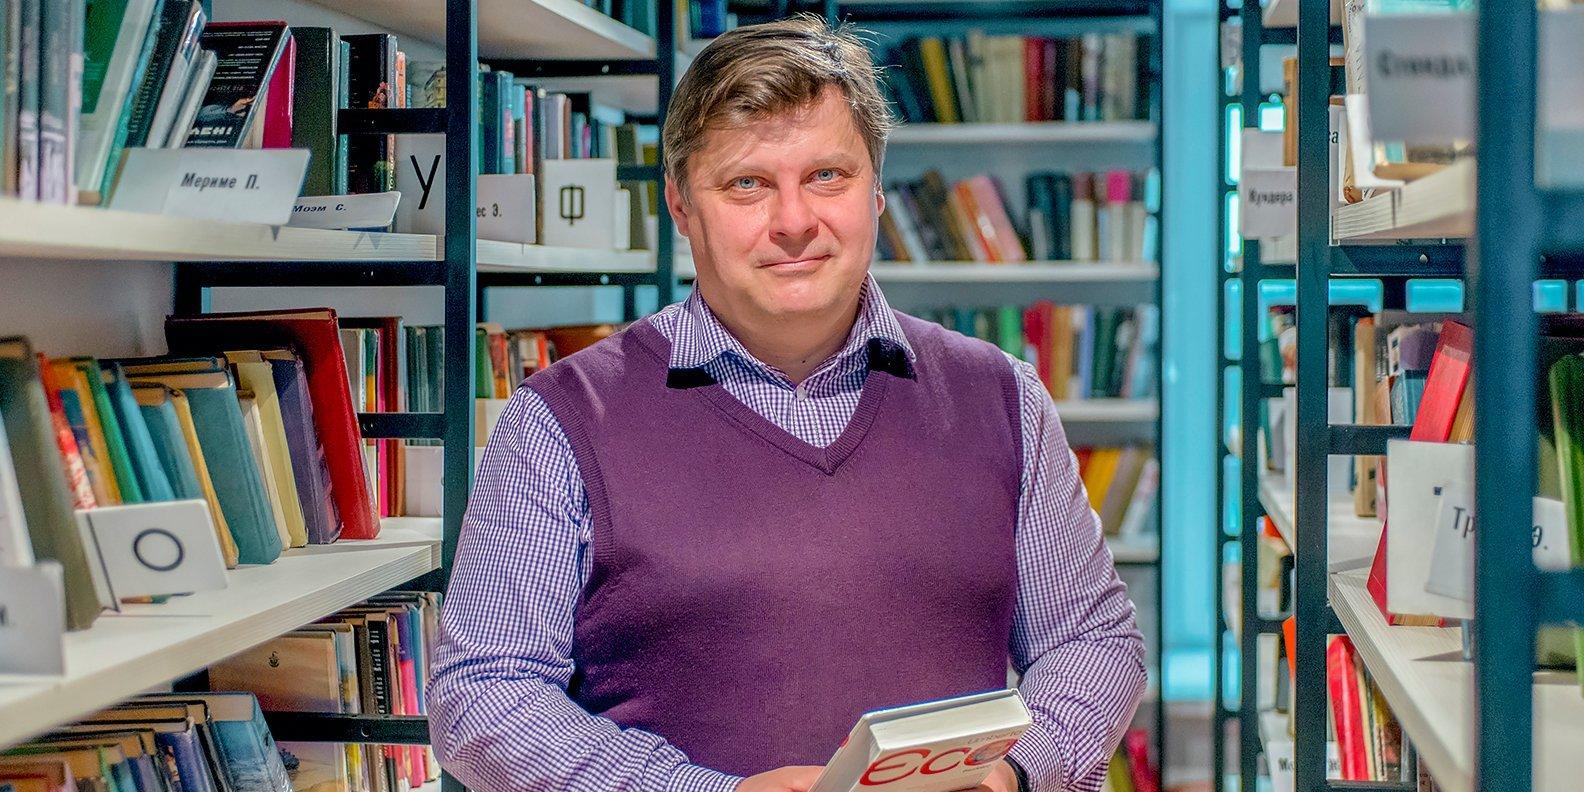 Андрей Лисицкий, директор библиотеки имени Ф.М. Достоевского. Фото: mos.ru. Юлия Иванко